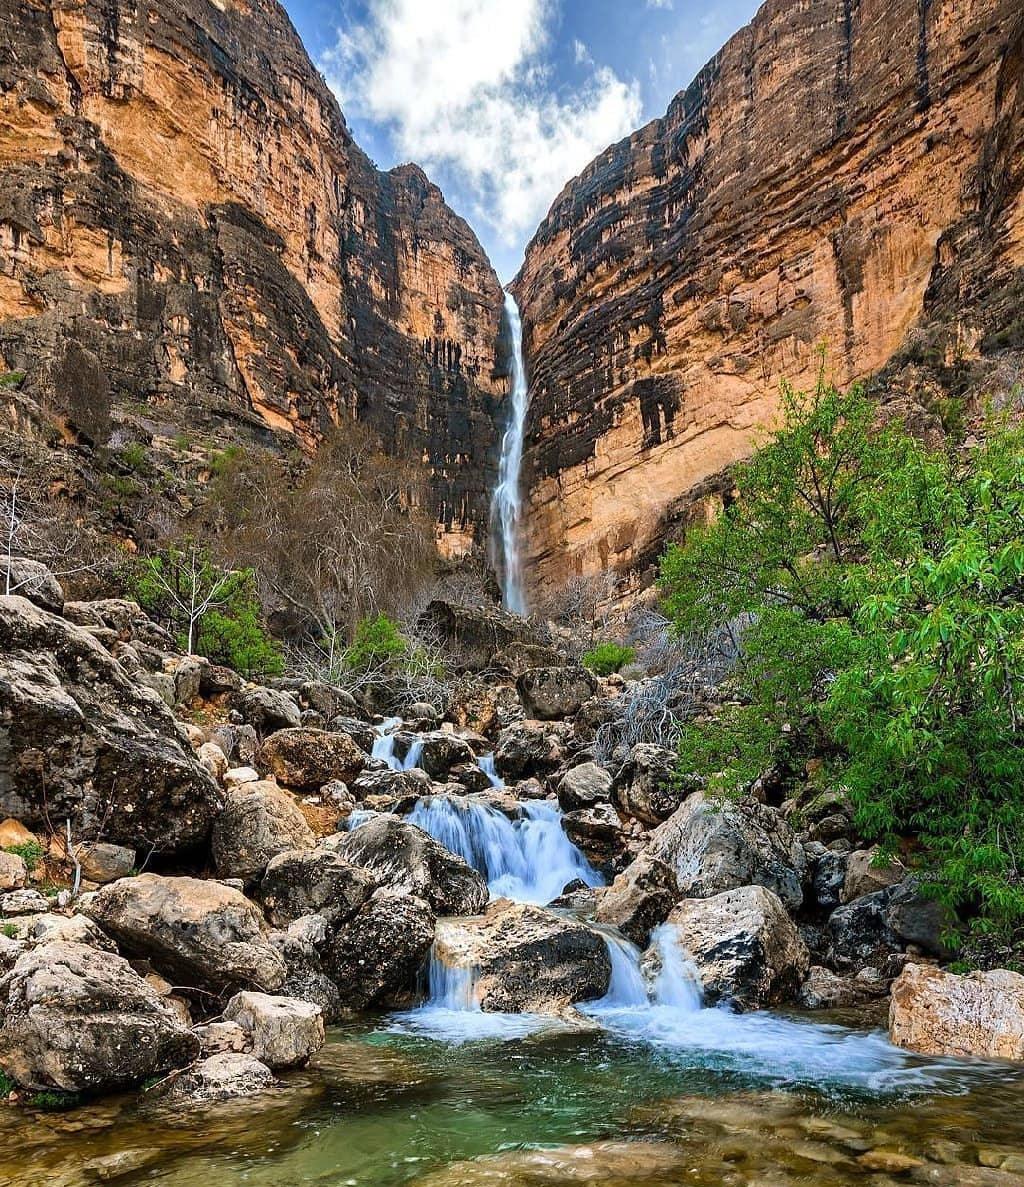 بزرگ ترین آبشار فصلی خاور میانه کجاست؟